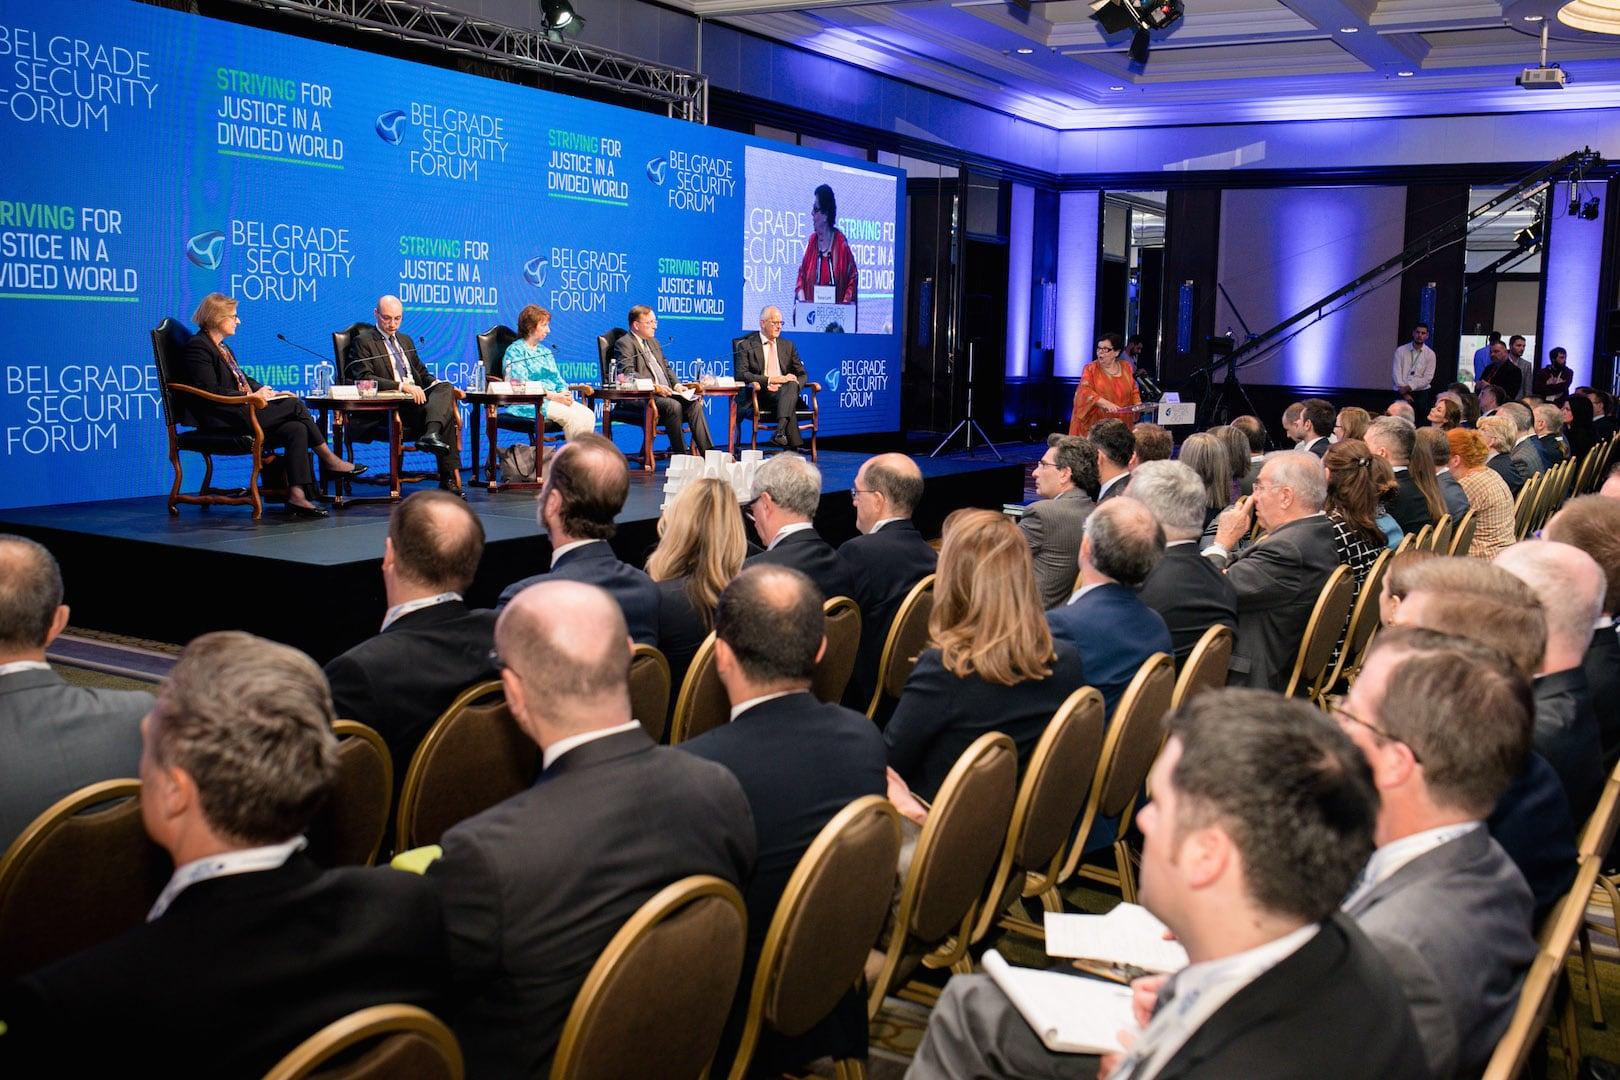 Deveti Beogradski bezbednosni forum: U potrazi za pravdom u podeljenom svetu